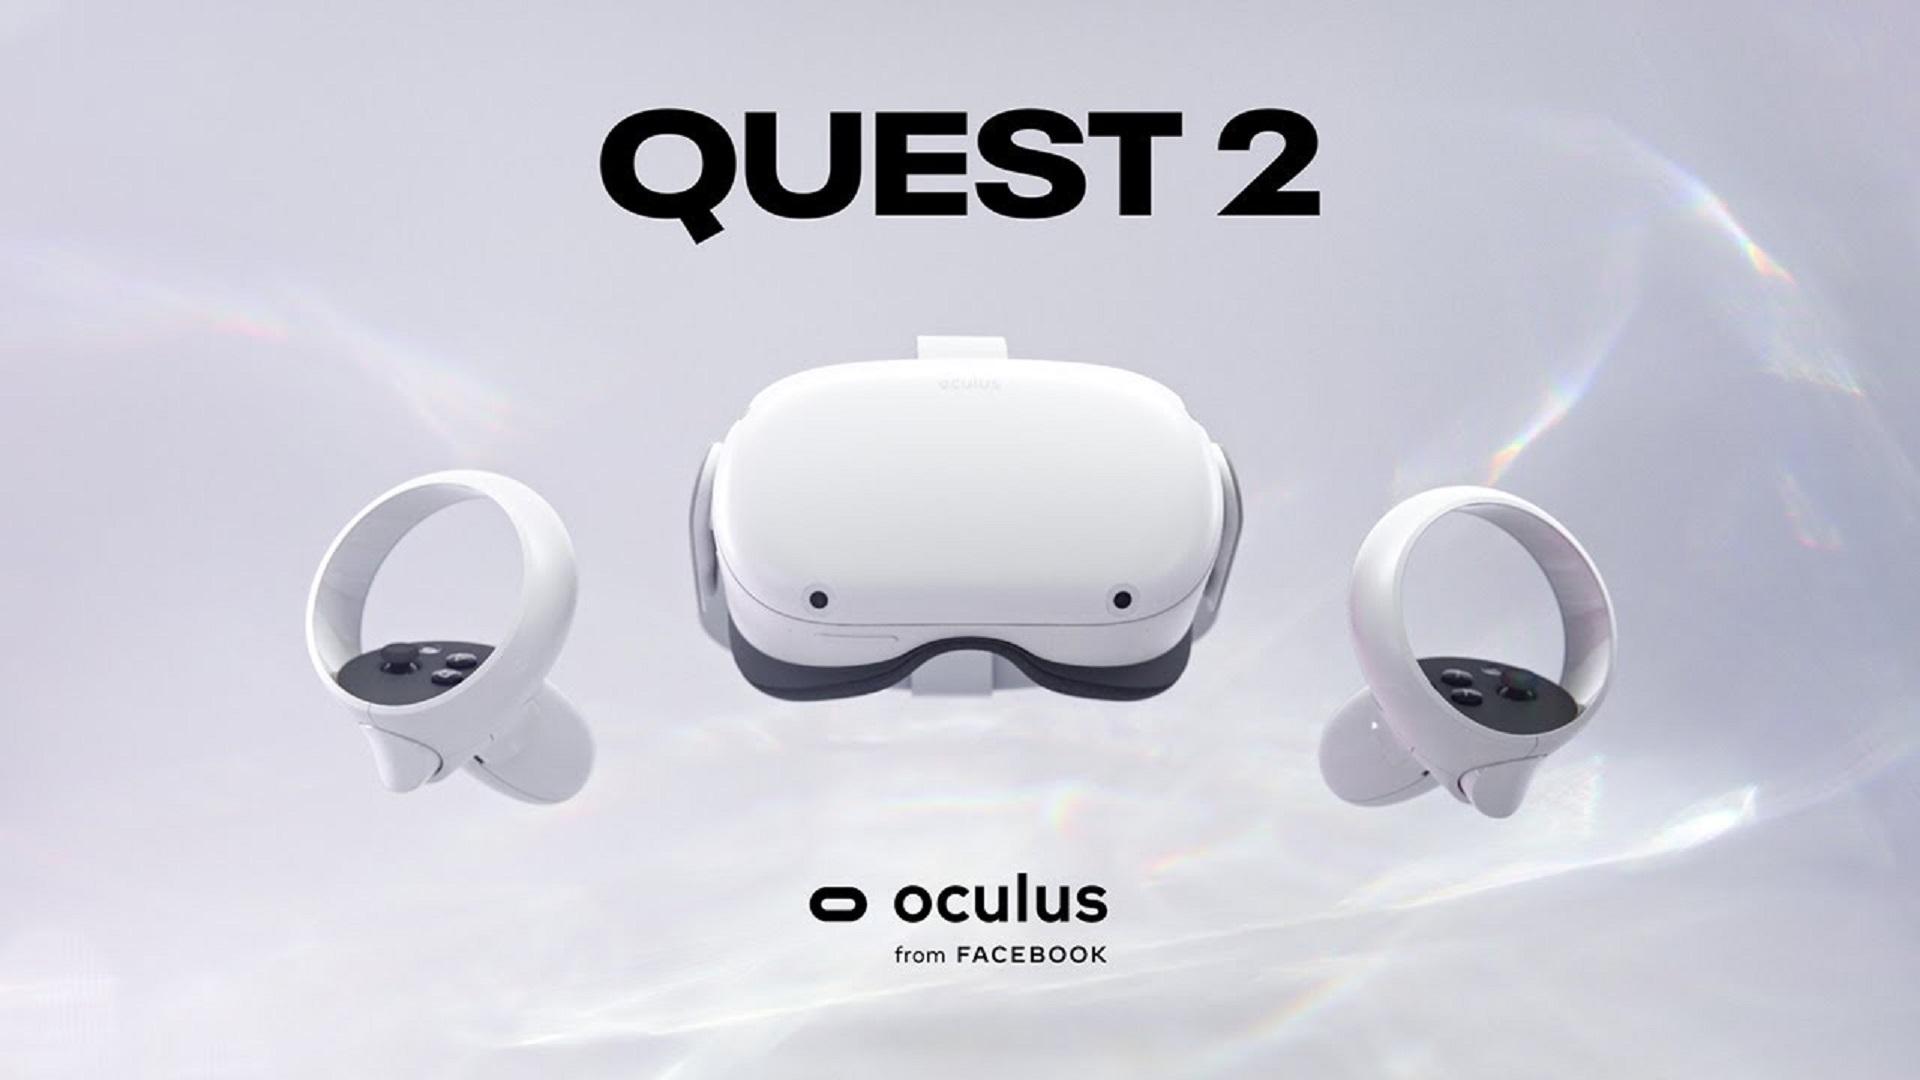 小步快跑的VR,2021会再上一个新台阶吗?